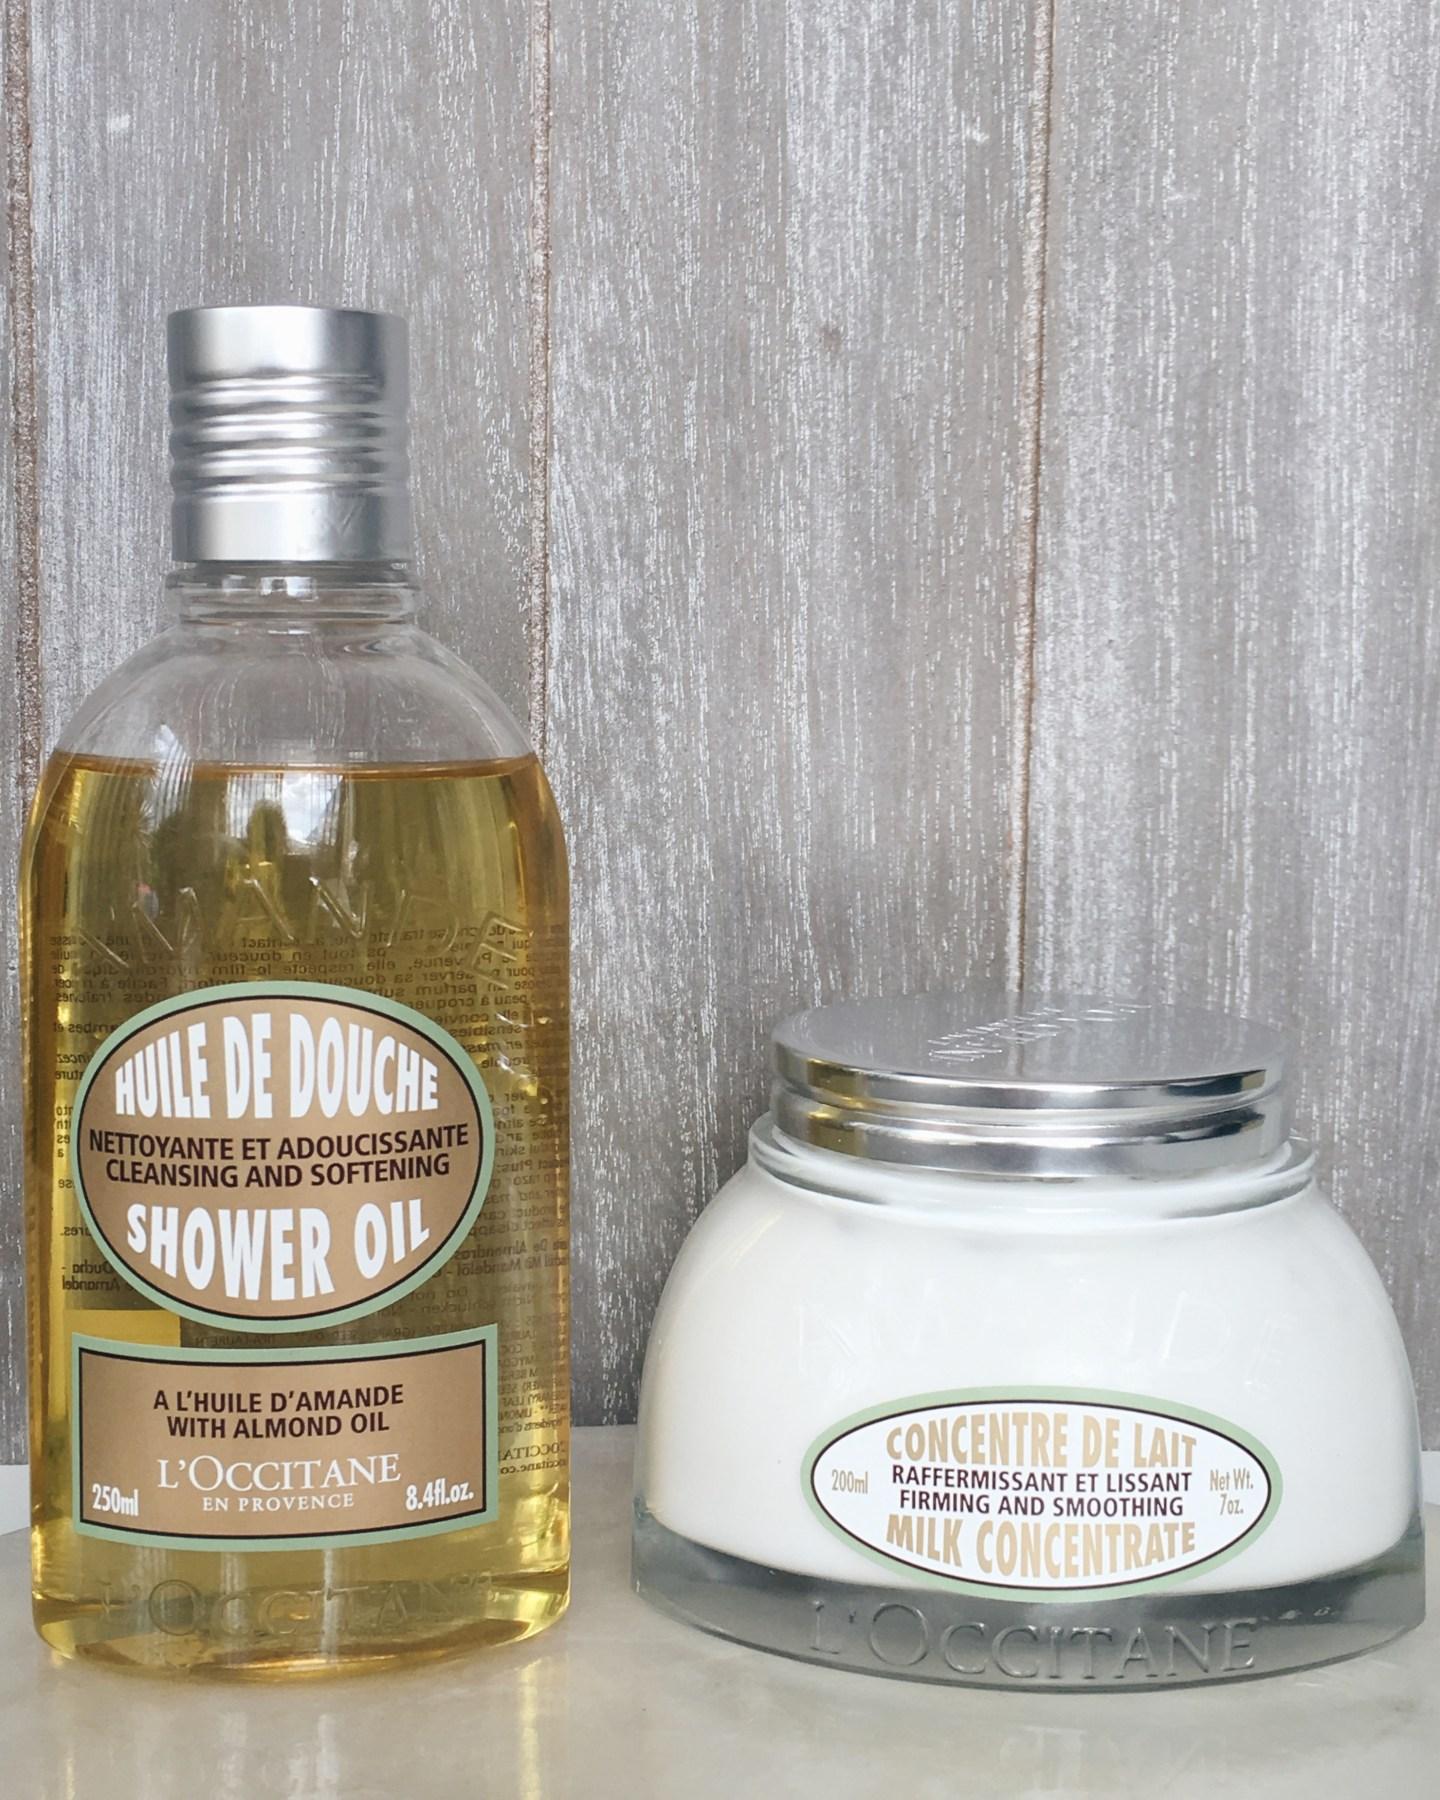 L'Occitane Almond Shower Oil and Milk Concentrate Body Cream